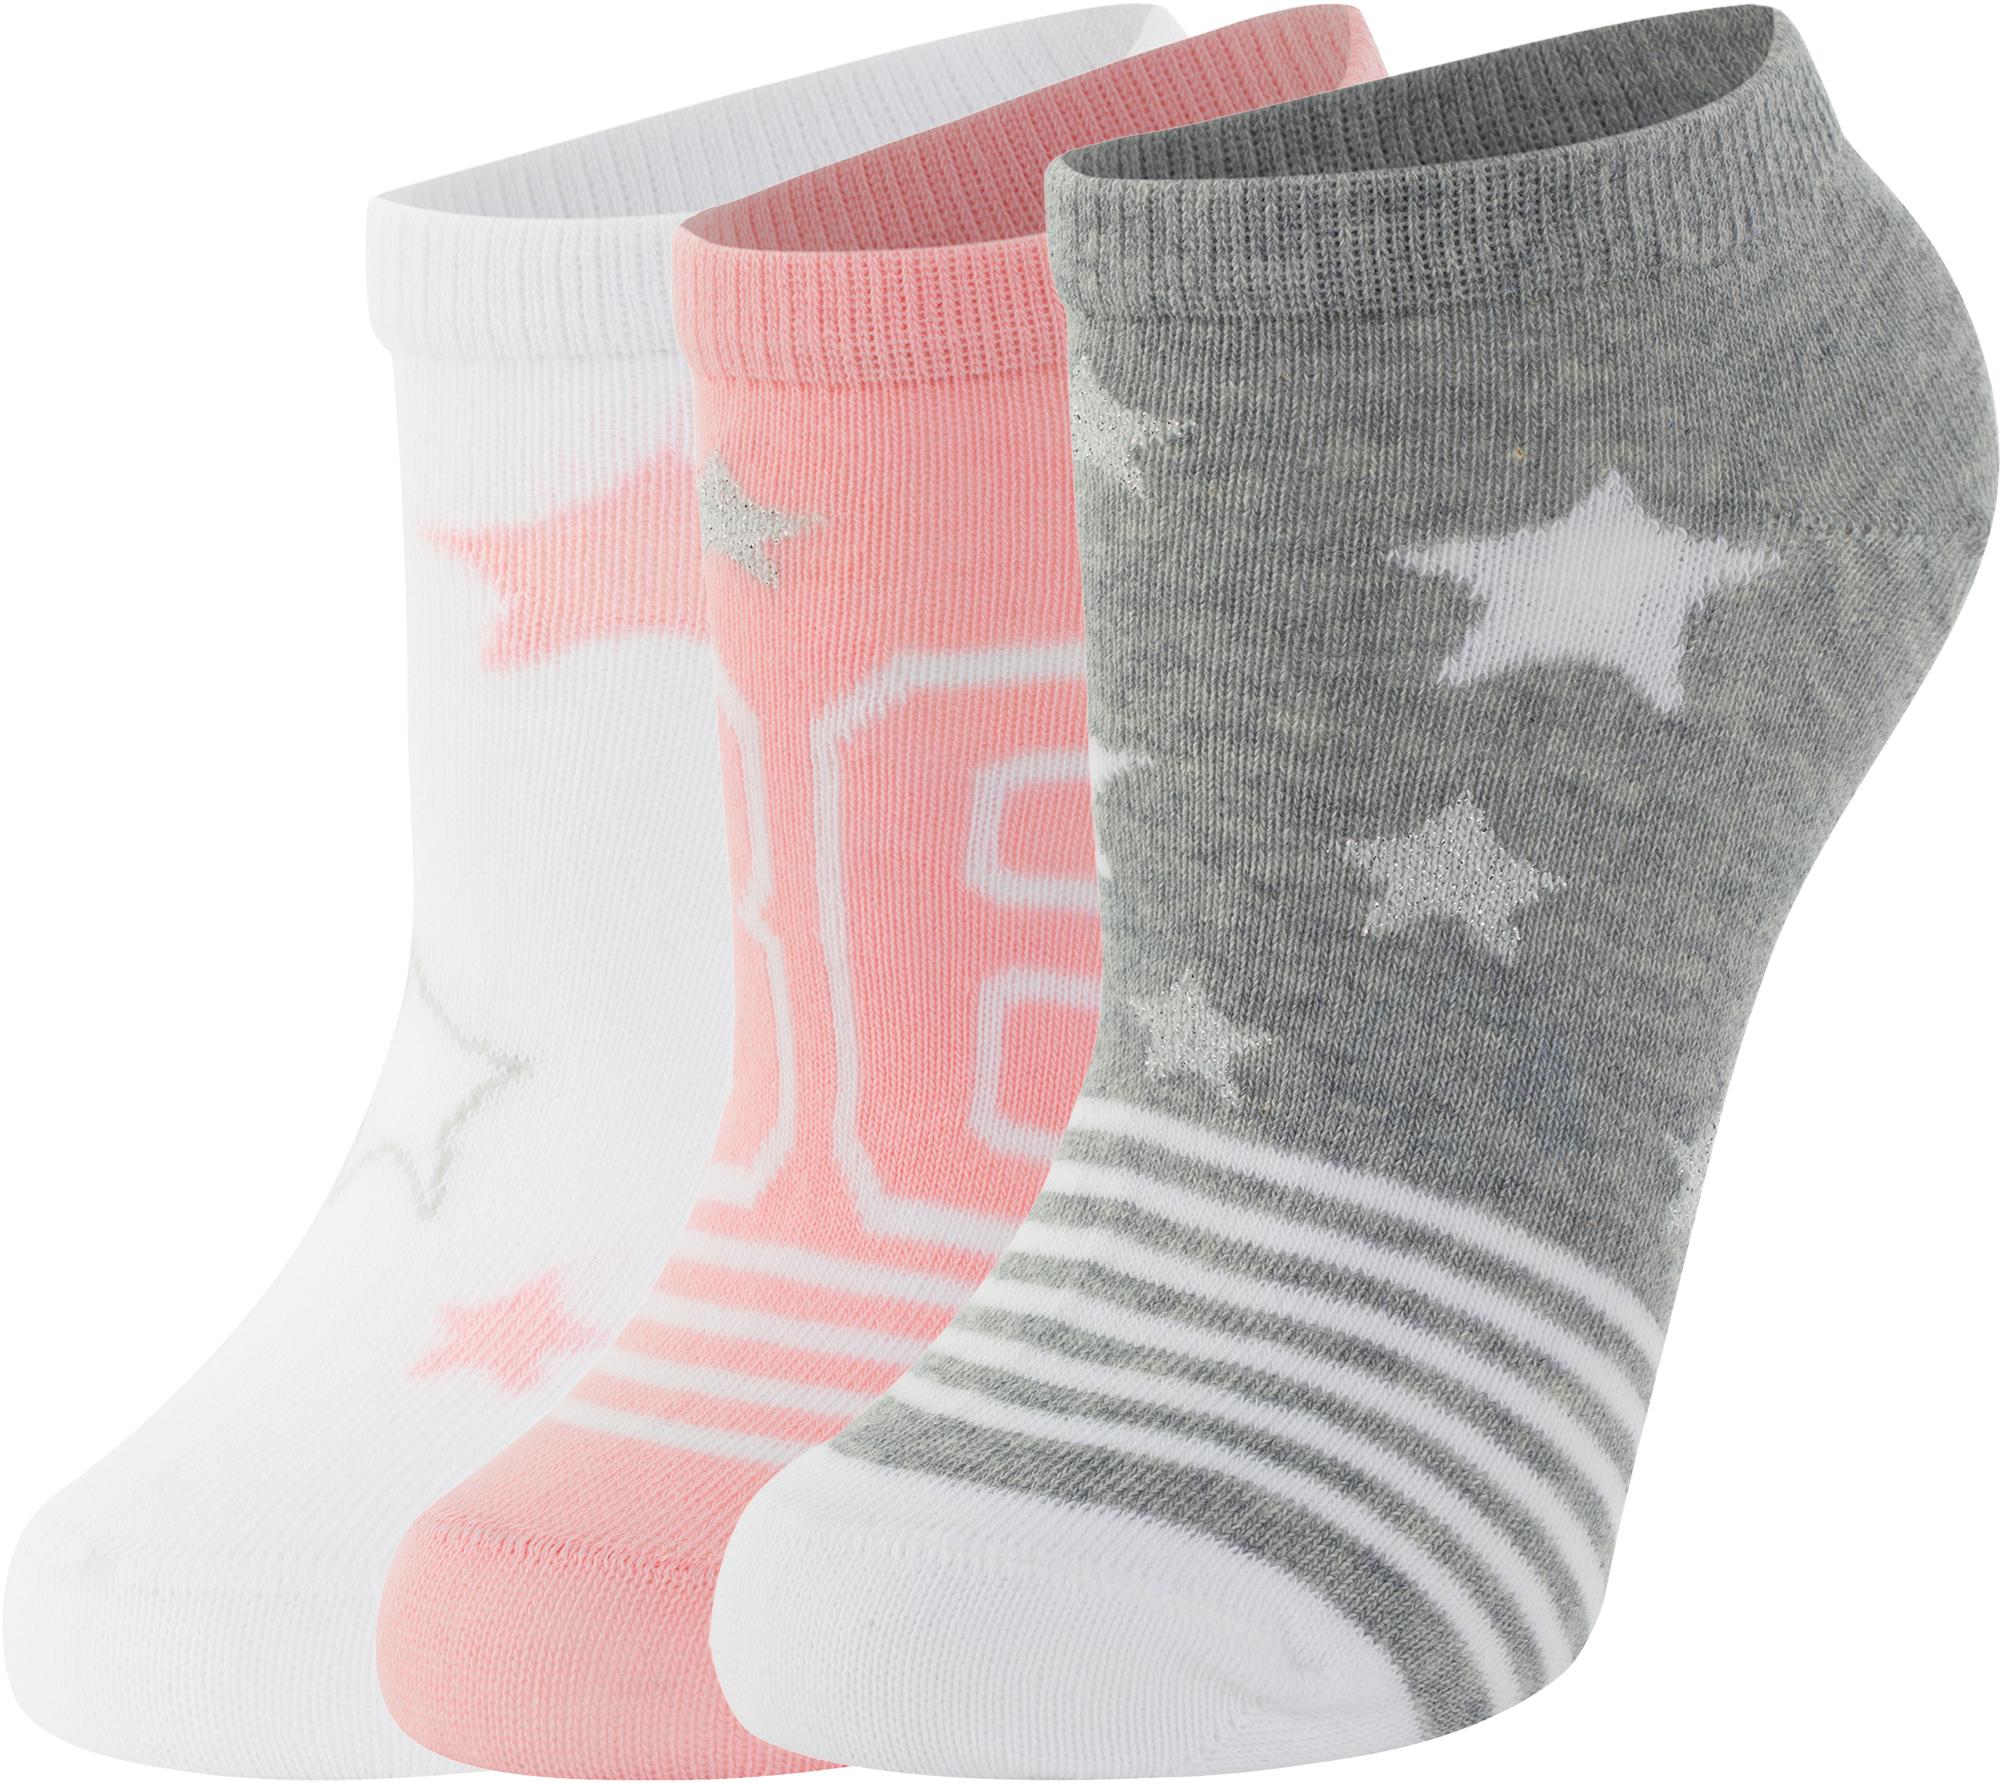 белье acoola носки детские 2 пары цвет ассорти размер 16 18 32114420052 Demix Носки для девочек Demix, 3 пары, размер 28-30